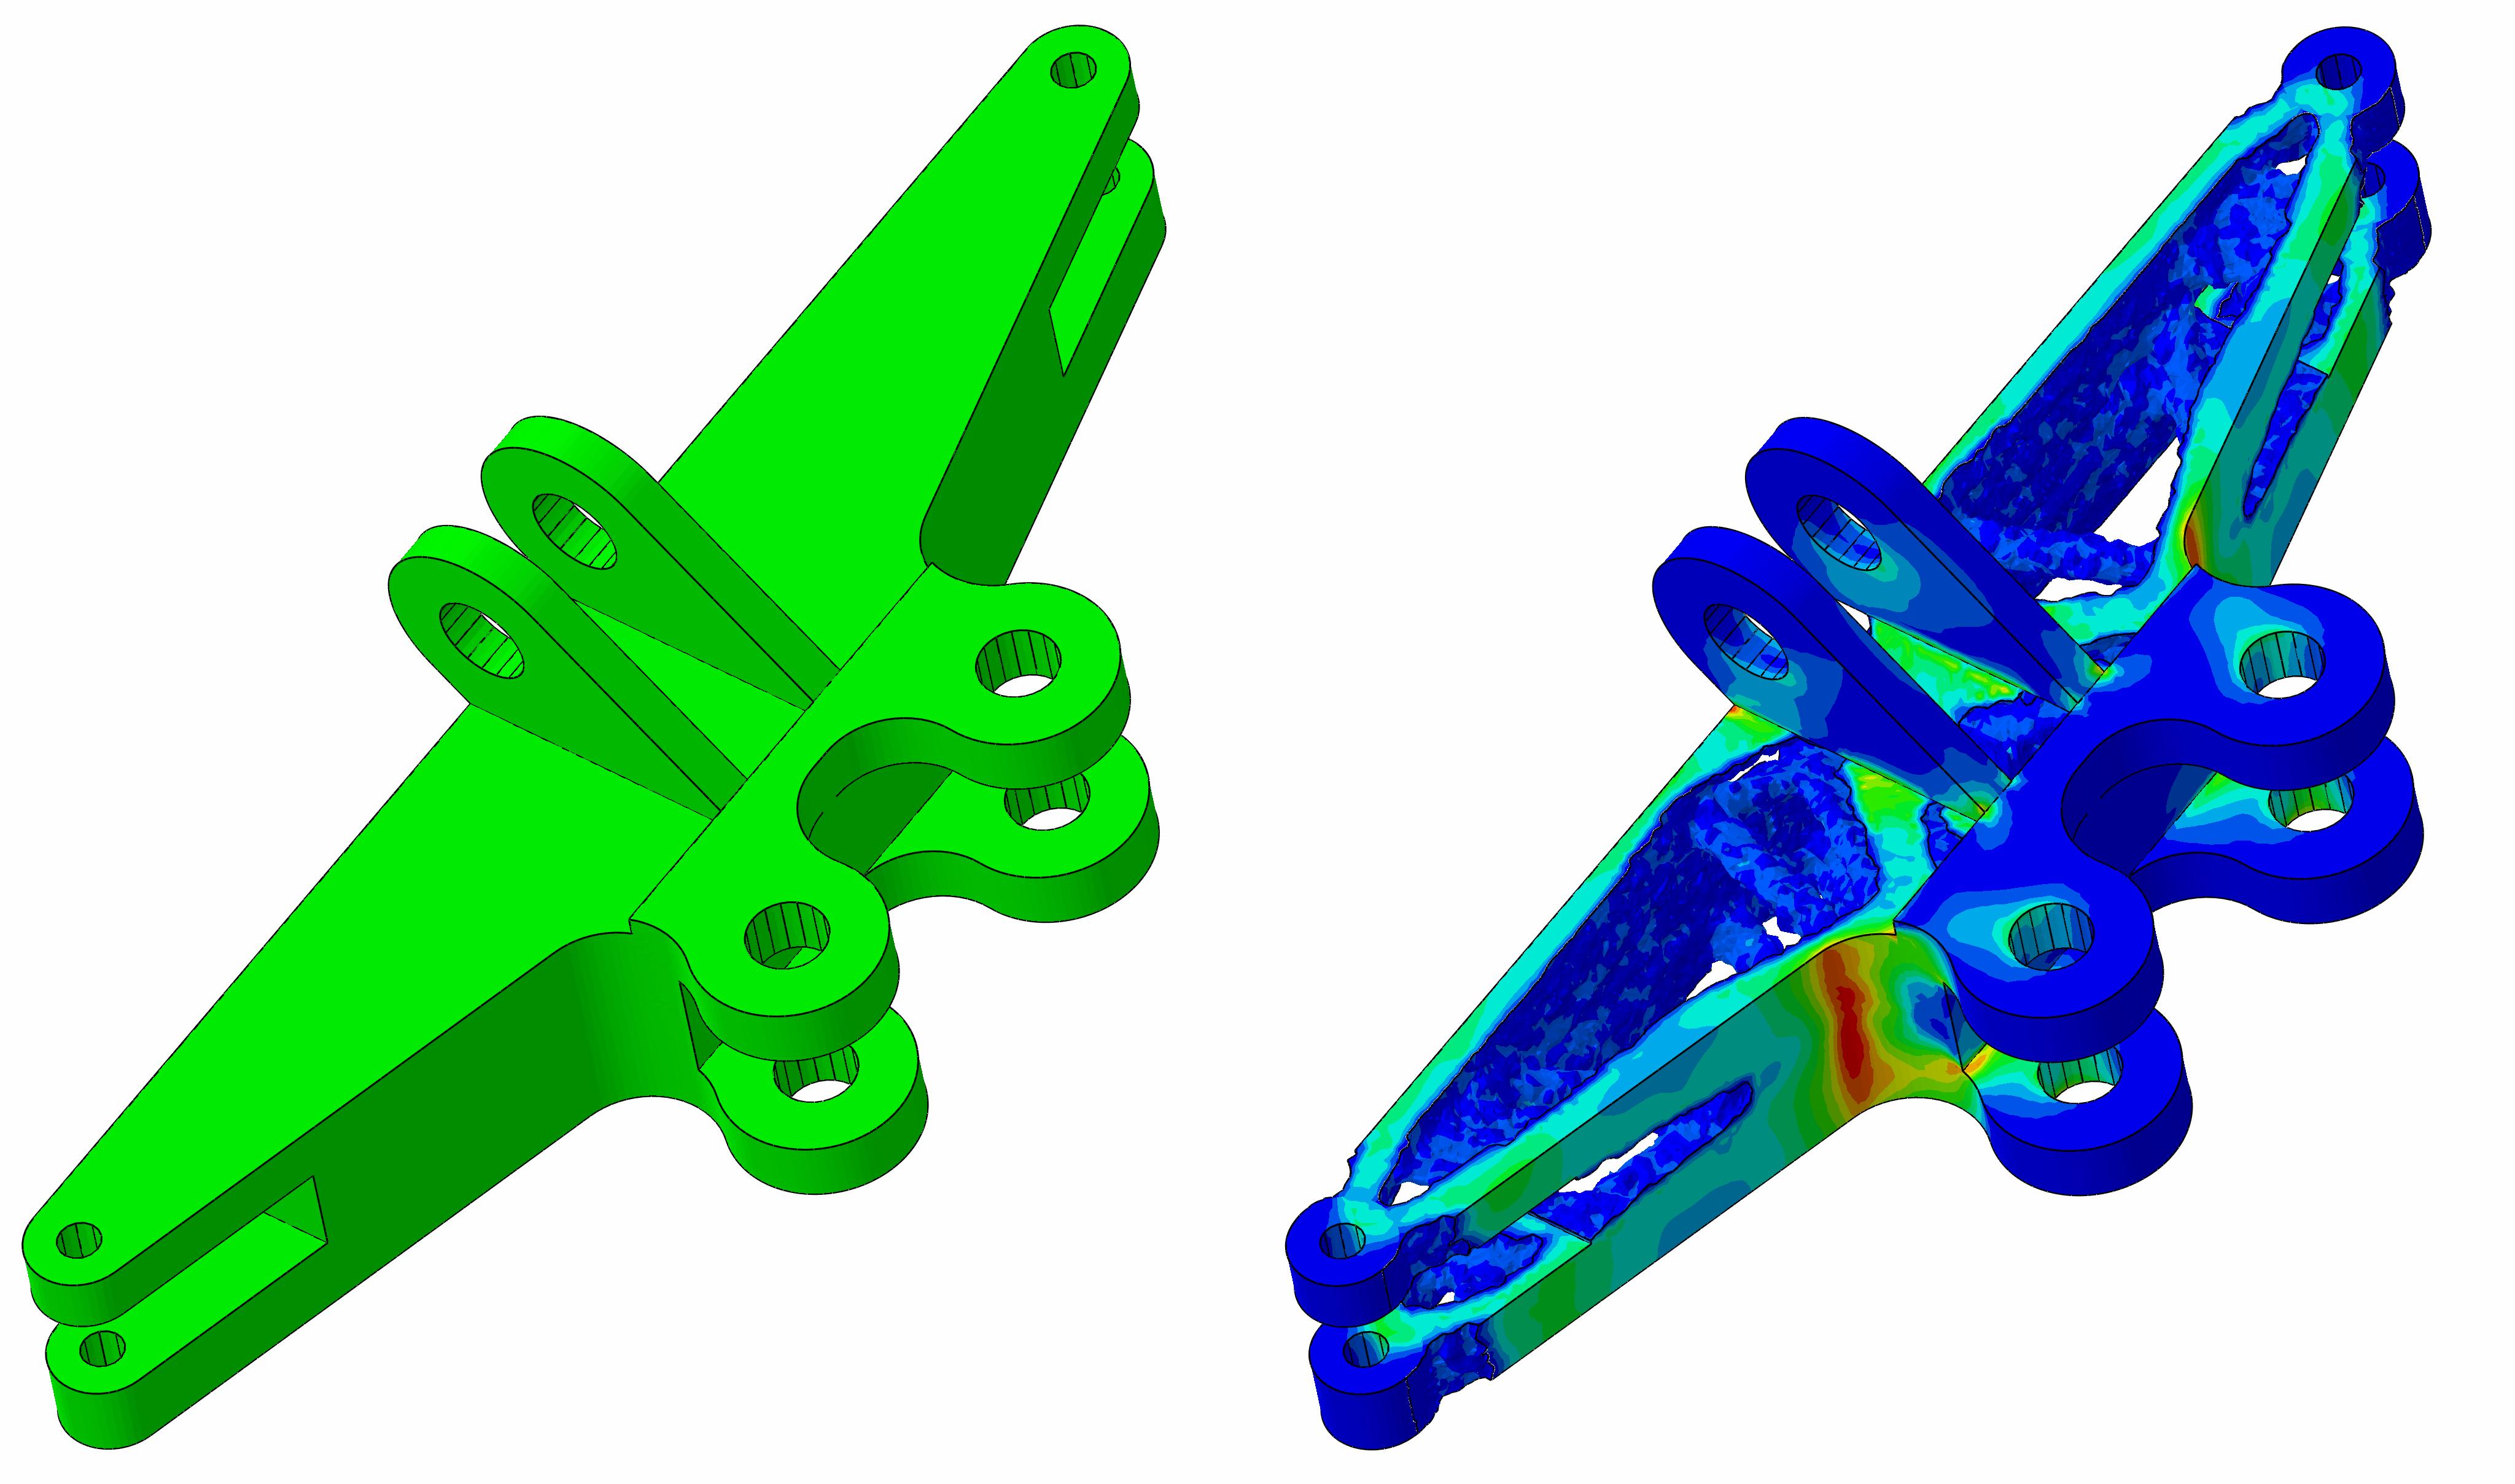 Topologieoptimierung einer Triebwerkskomponente